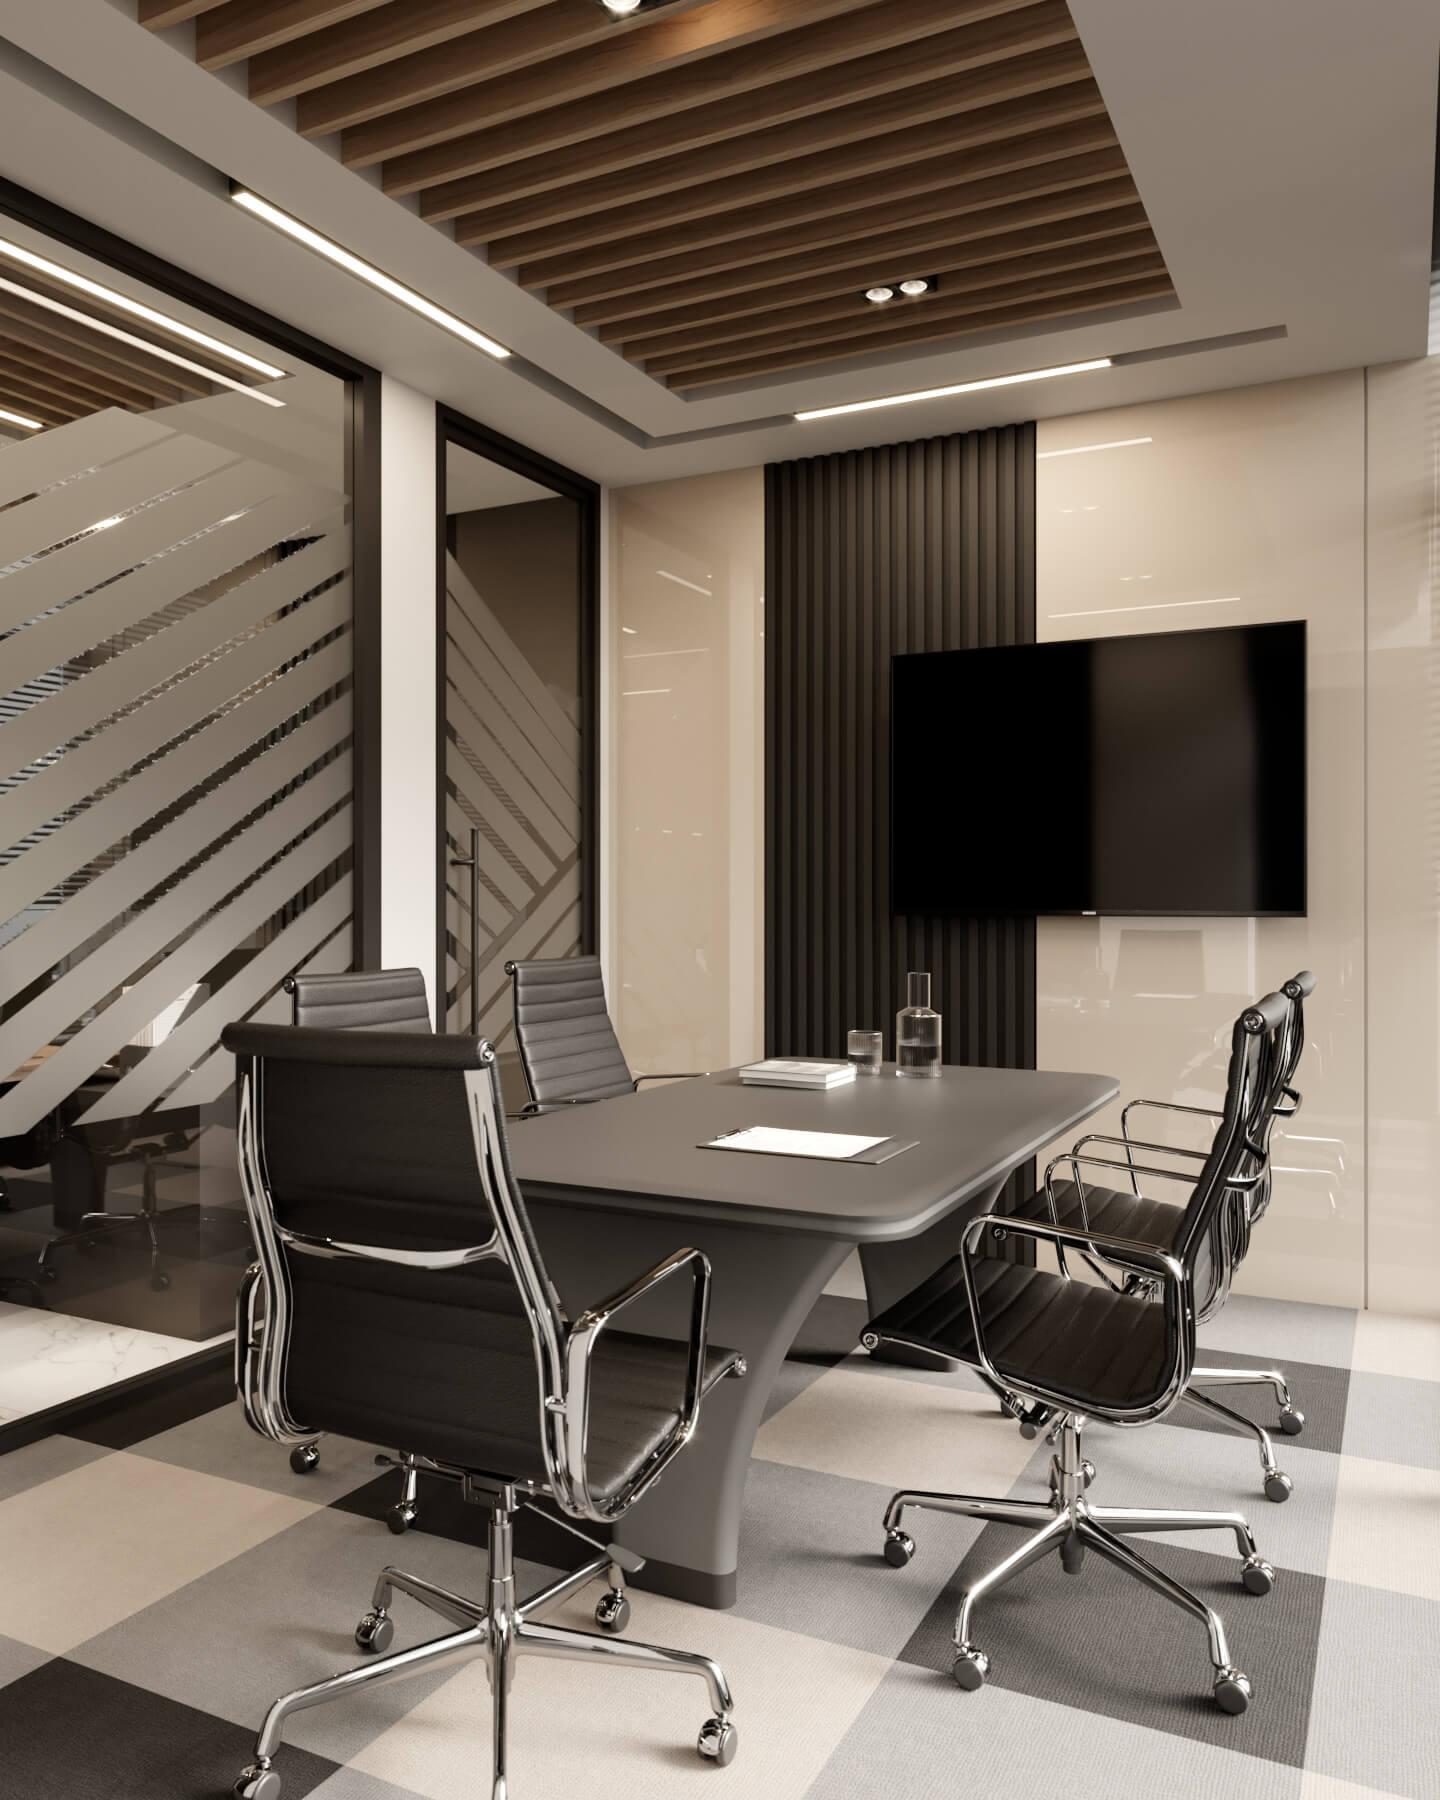 ofis mimari 4106 Altın Hayat Sigorta Ofisler